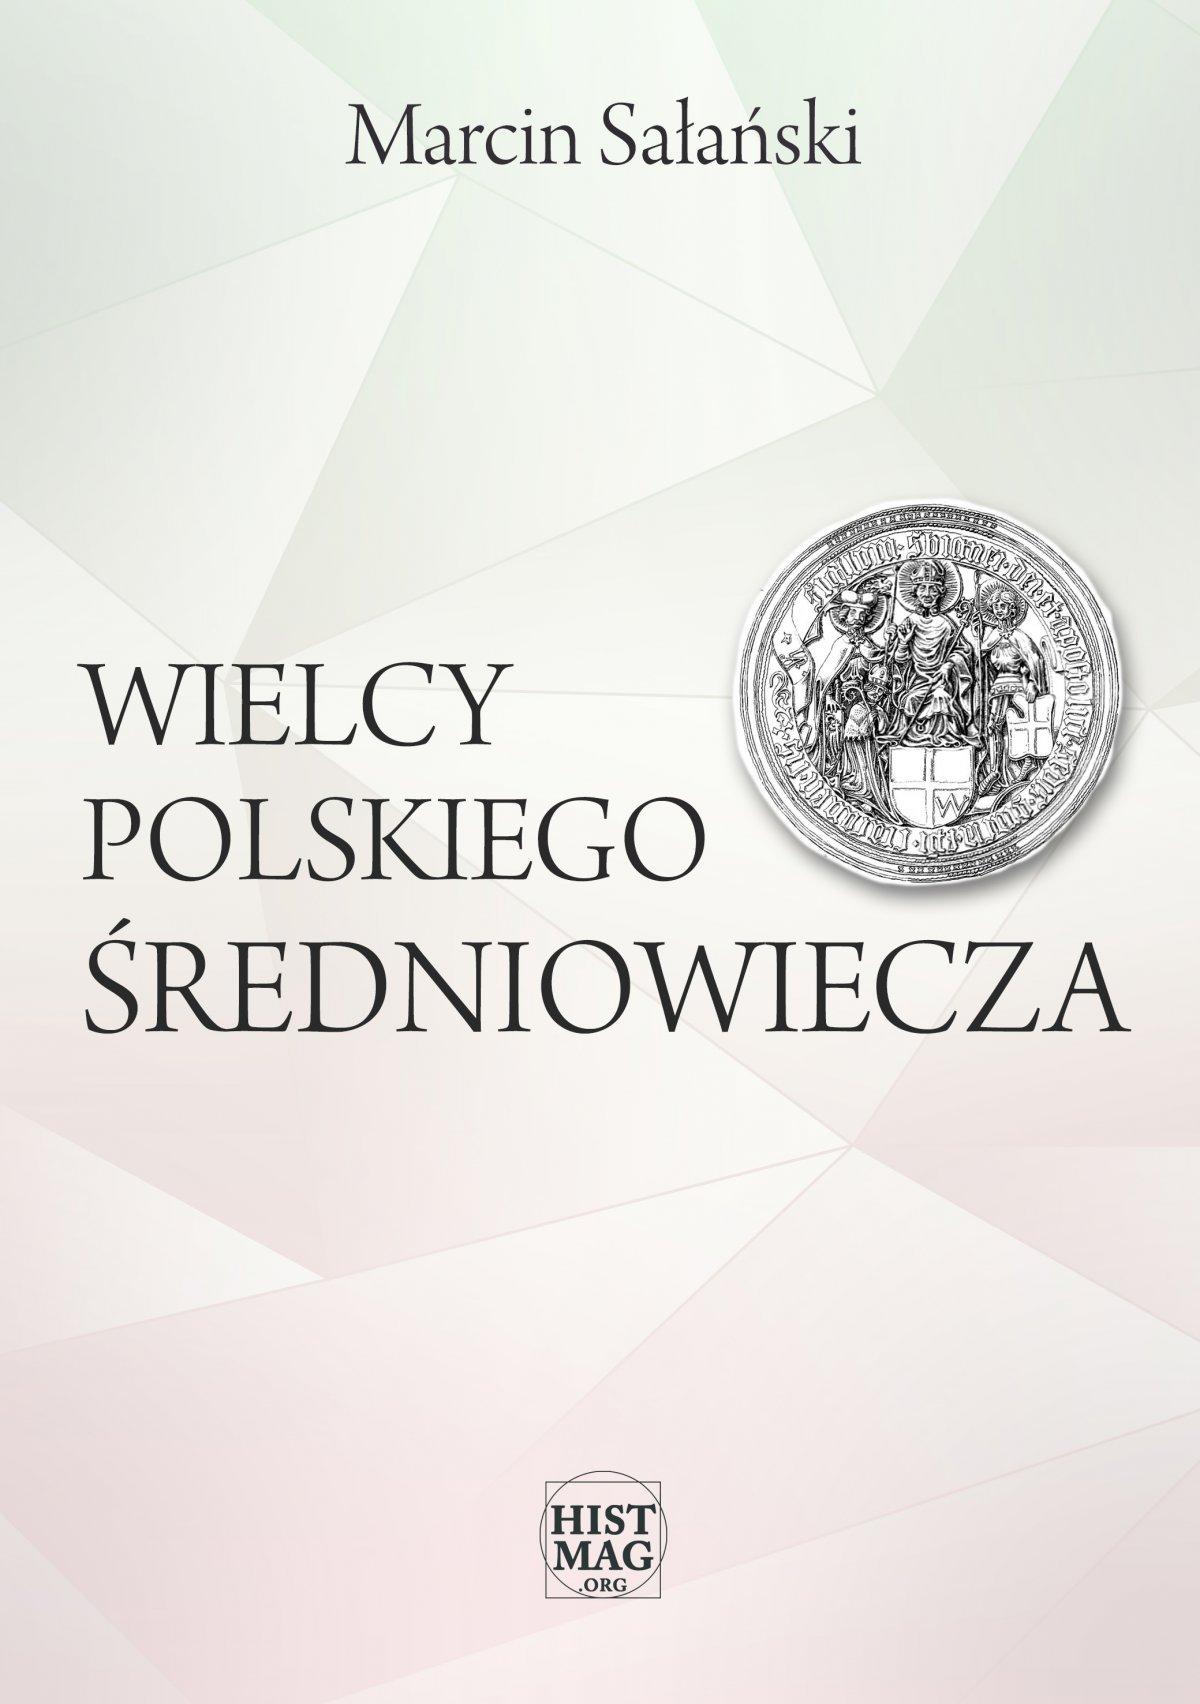 Wielcy polskiego średniowiecza - Ebook (Książka EPUB) do pobrania w formacie EPUB